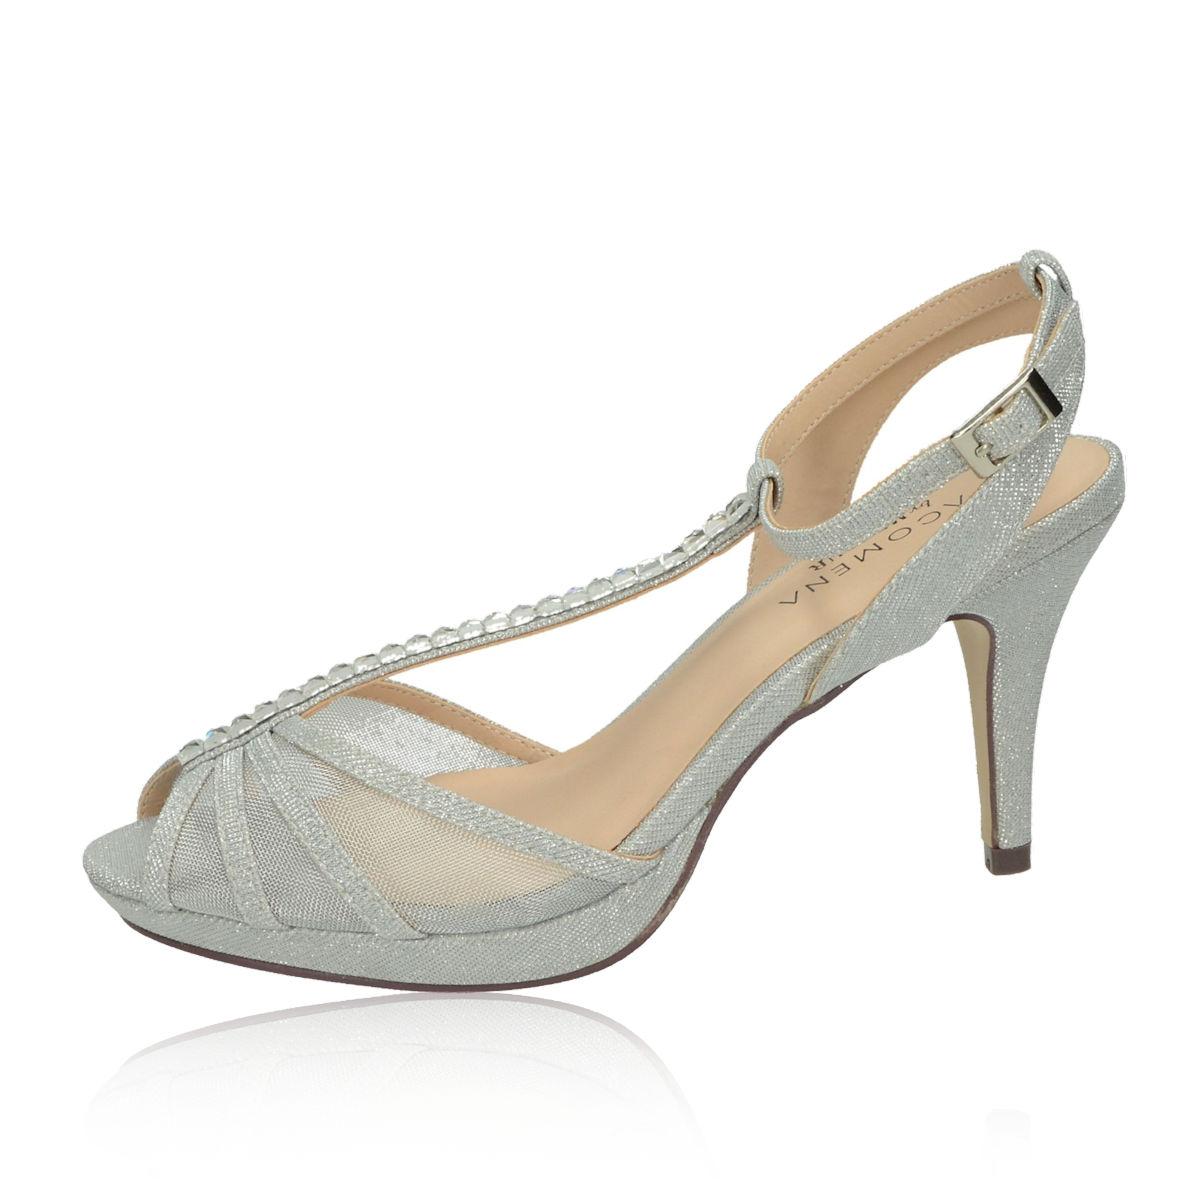 70a20ff05c2a Pacomena dámske sandále - strieborné Pacomena dámske sandále - strieborné  ...